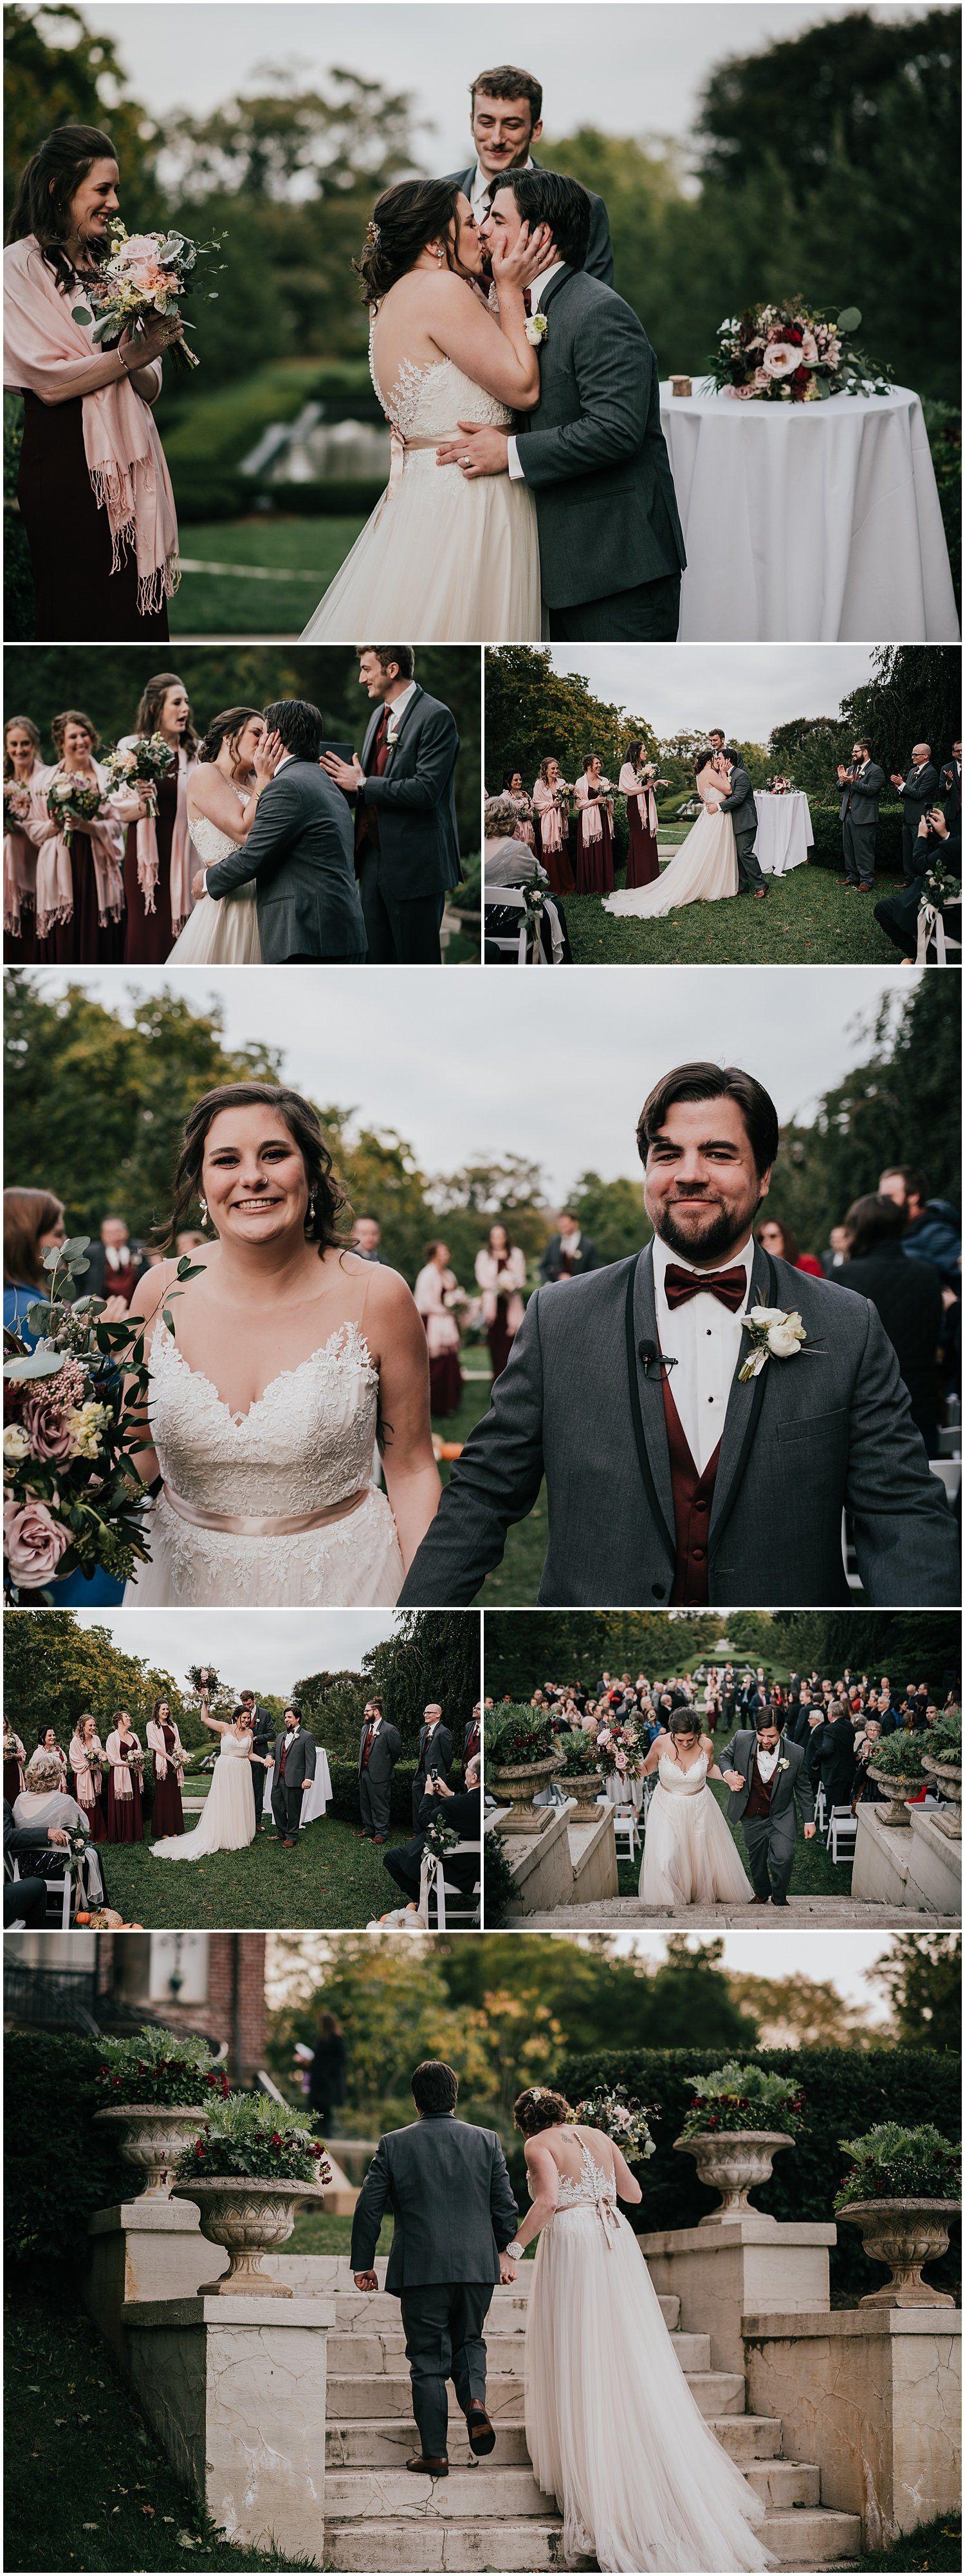 Cantigny park cantigny park park weddings honey